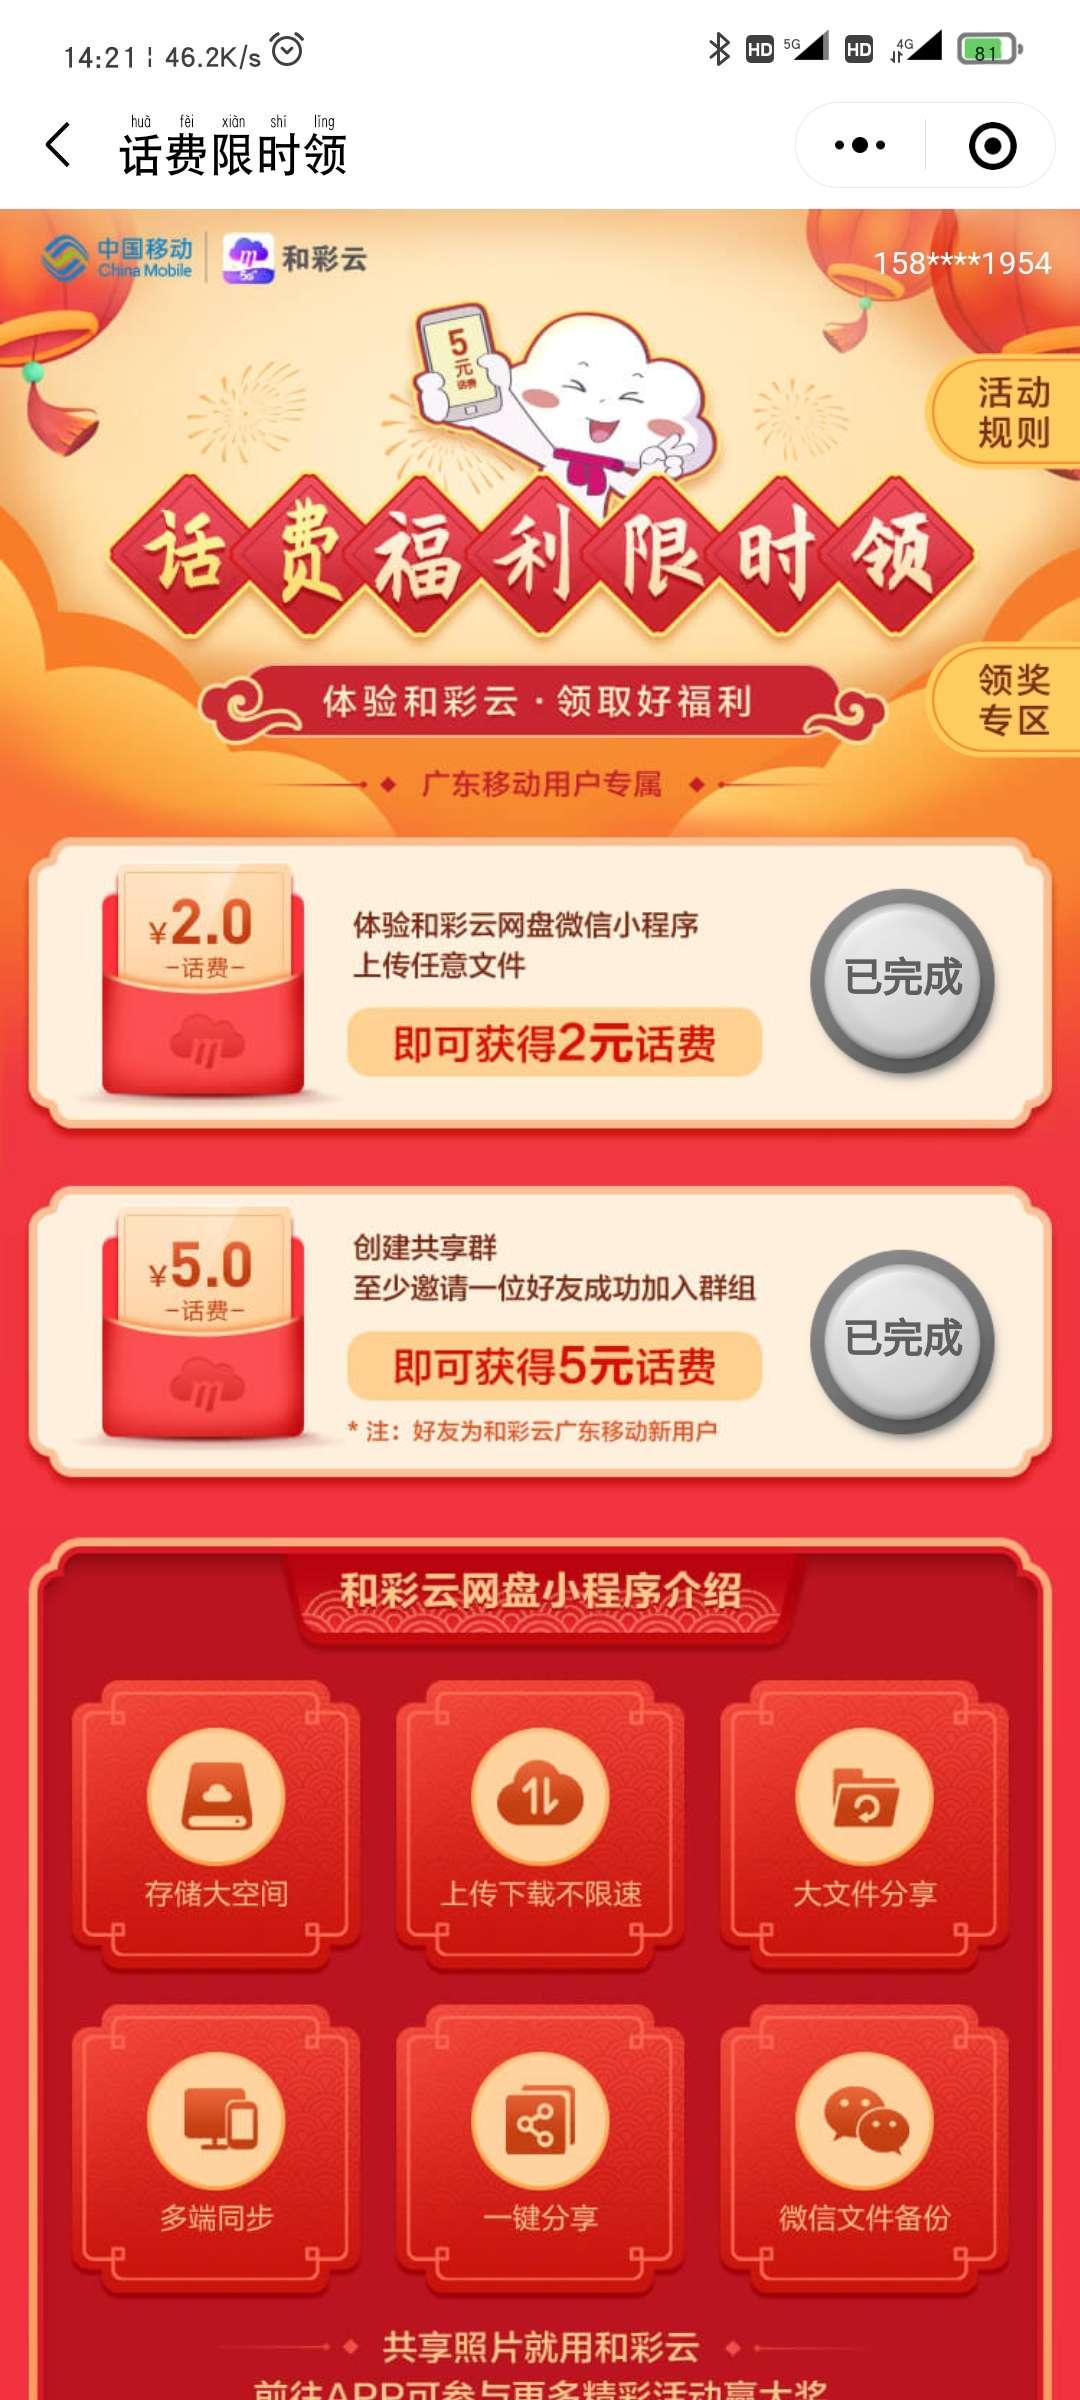 广东移动号码其他自己测